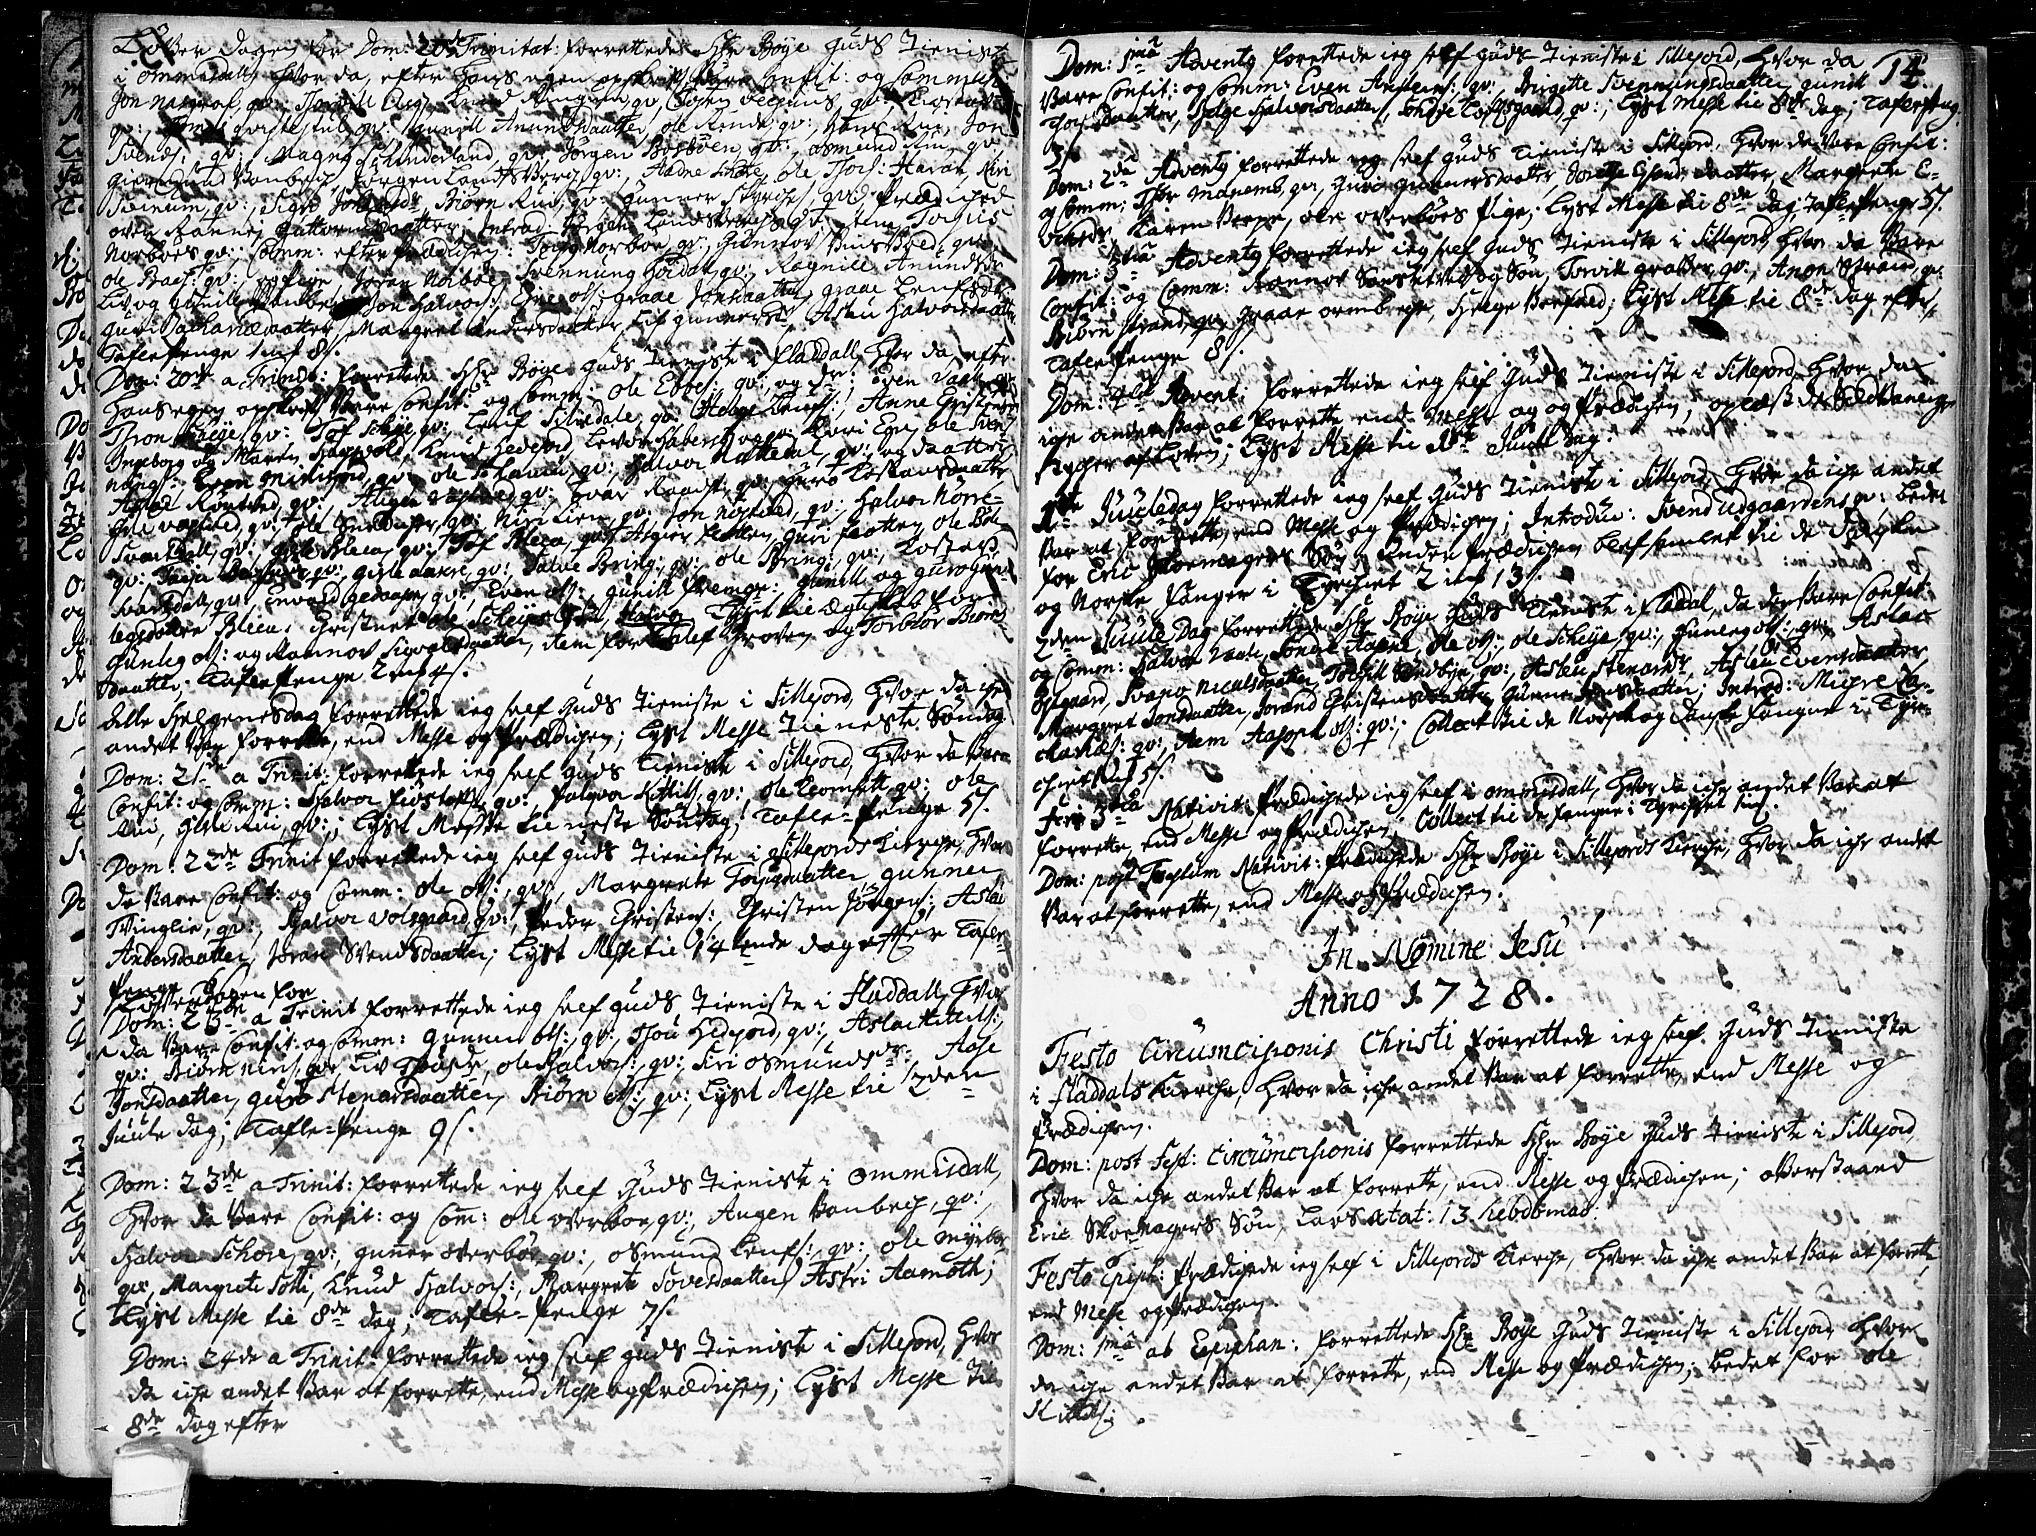 SAKO, Seljord kirkebøker, F/Fa/L0004: Ministerialbok nr. I 4, 1725-1736, s. 14